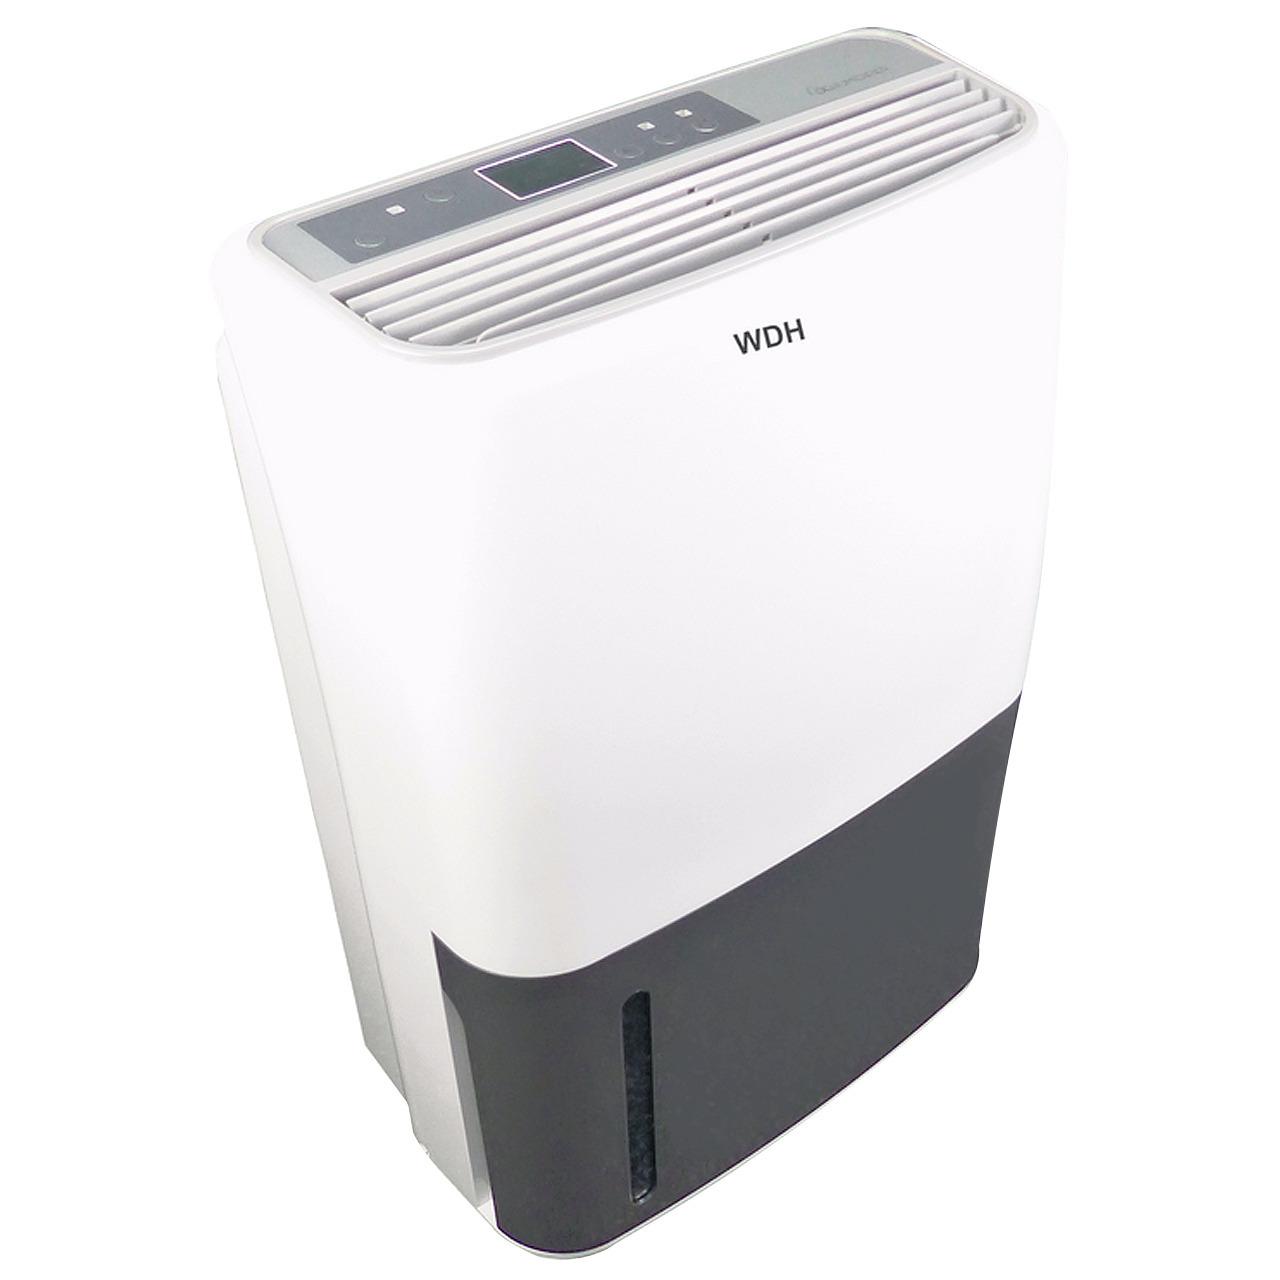 Aktobis Kompressor-Luftentfeuchter WDH-725DG mit Anzeige- bis zu 25 l-Tag- verst- Ausblaslamellen